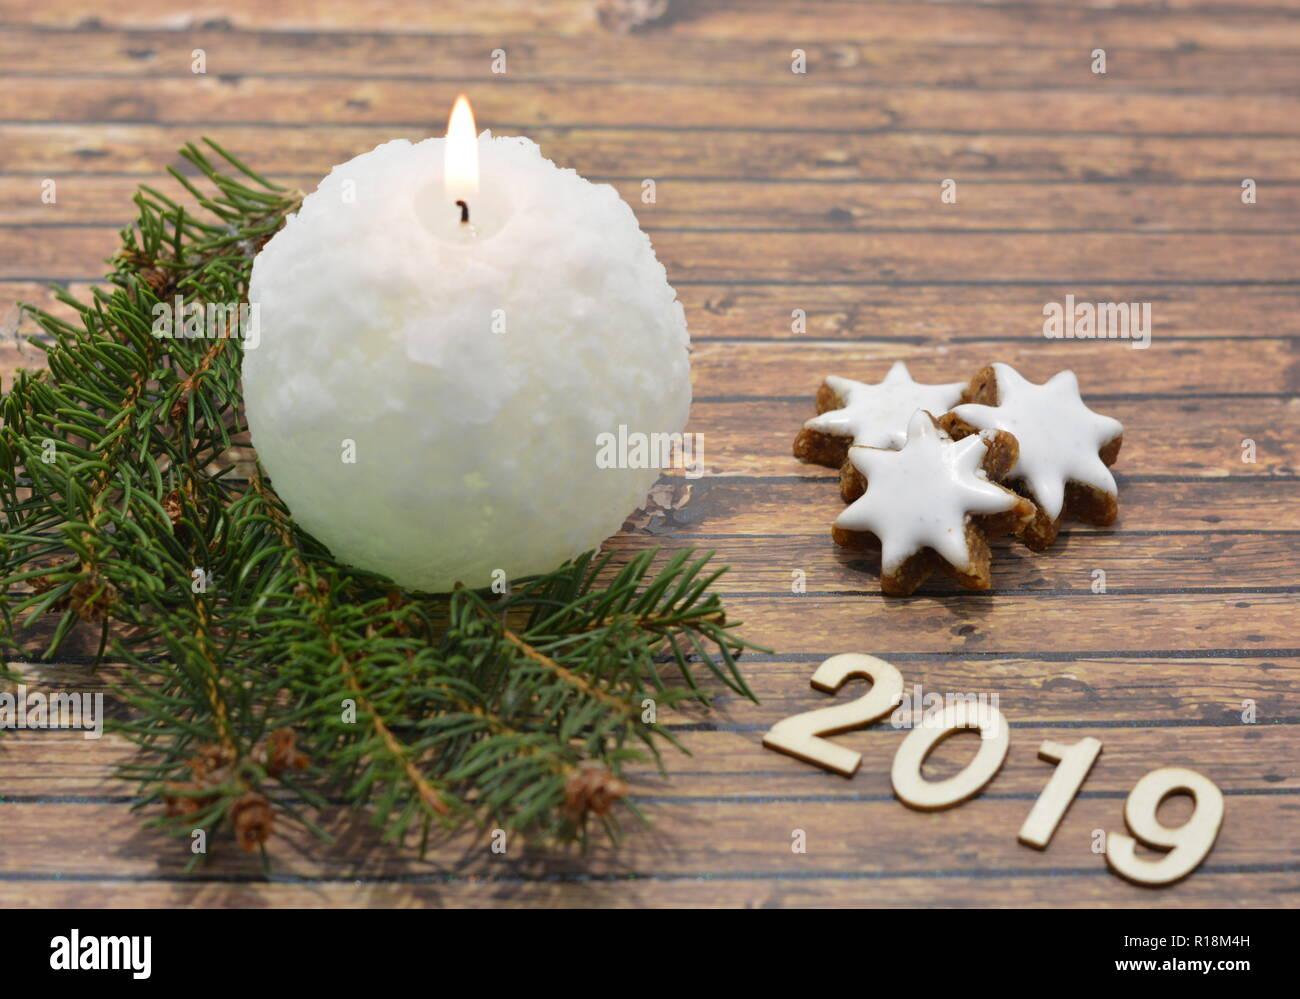 Weihnachten 2019 Schnee.Weihnachten Silvester Advent Schnee Winter Stock Photo 224540865